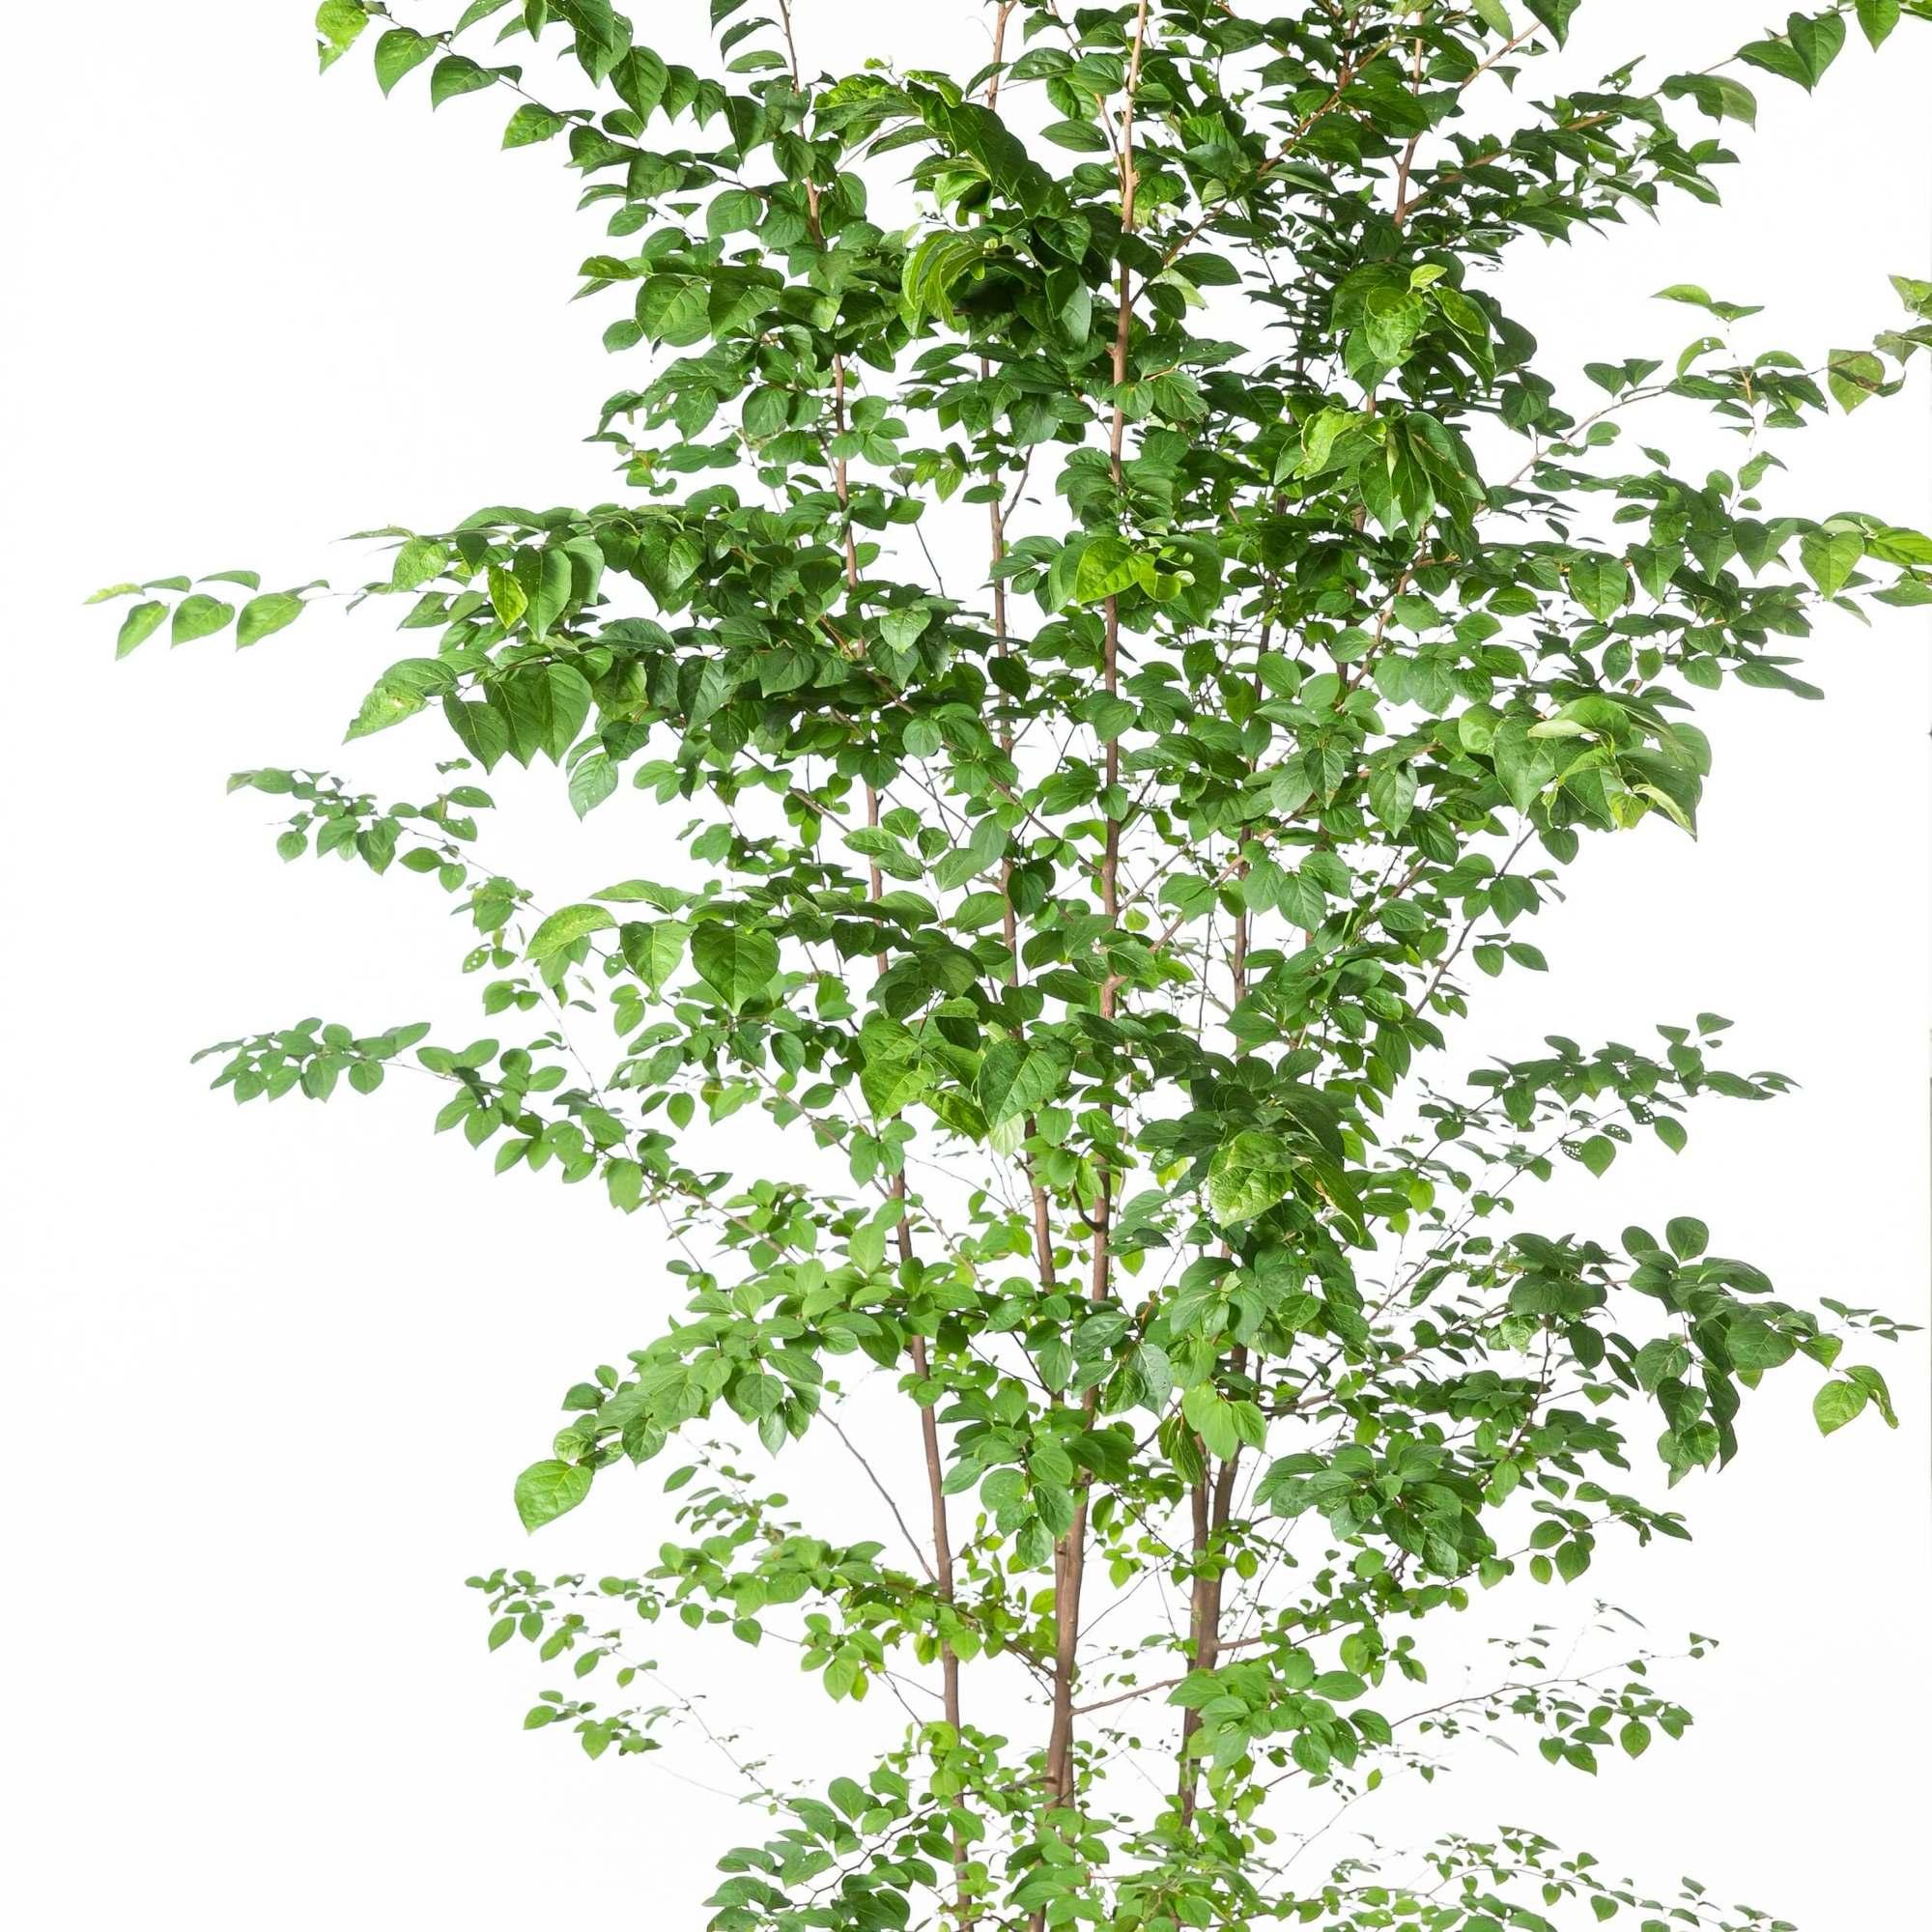 エゴノキ(野茉莉)植栽 お庭 ガーデン